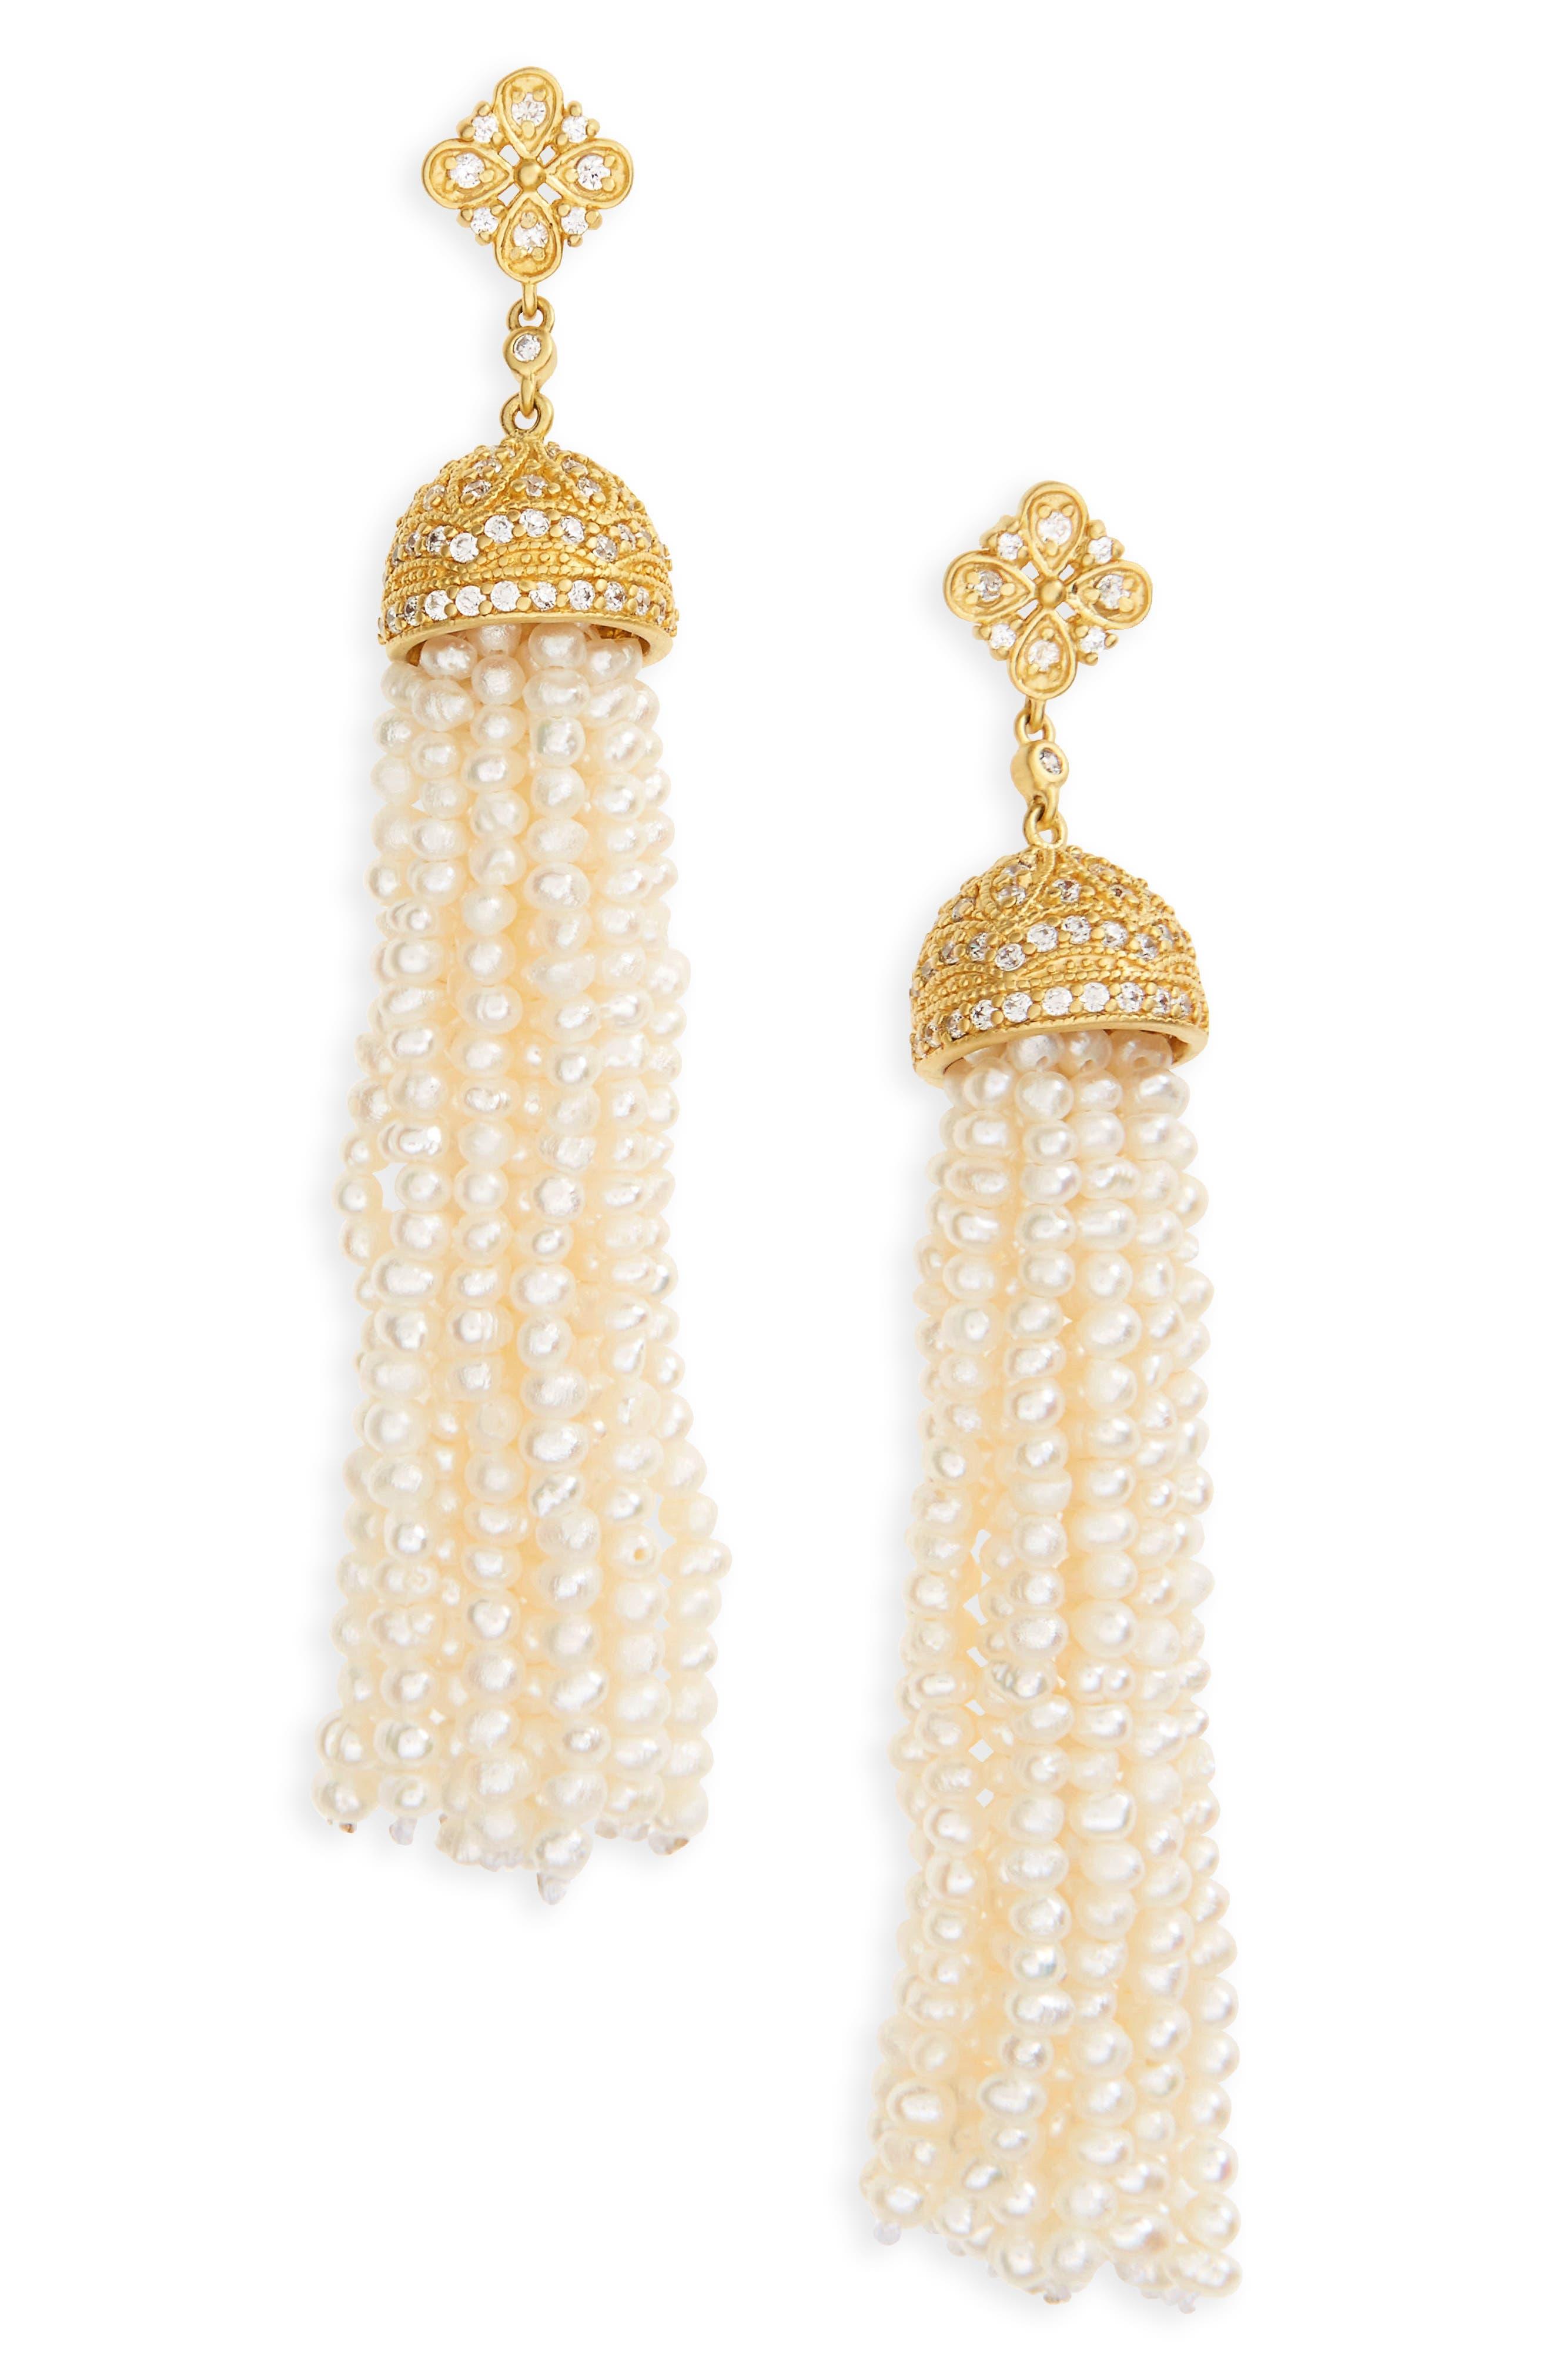 Audrey Waterfall Tassel Pearl Earrings,                             Main thumbnail 1, color,                             710